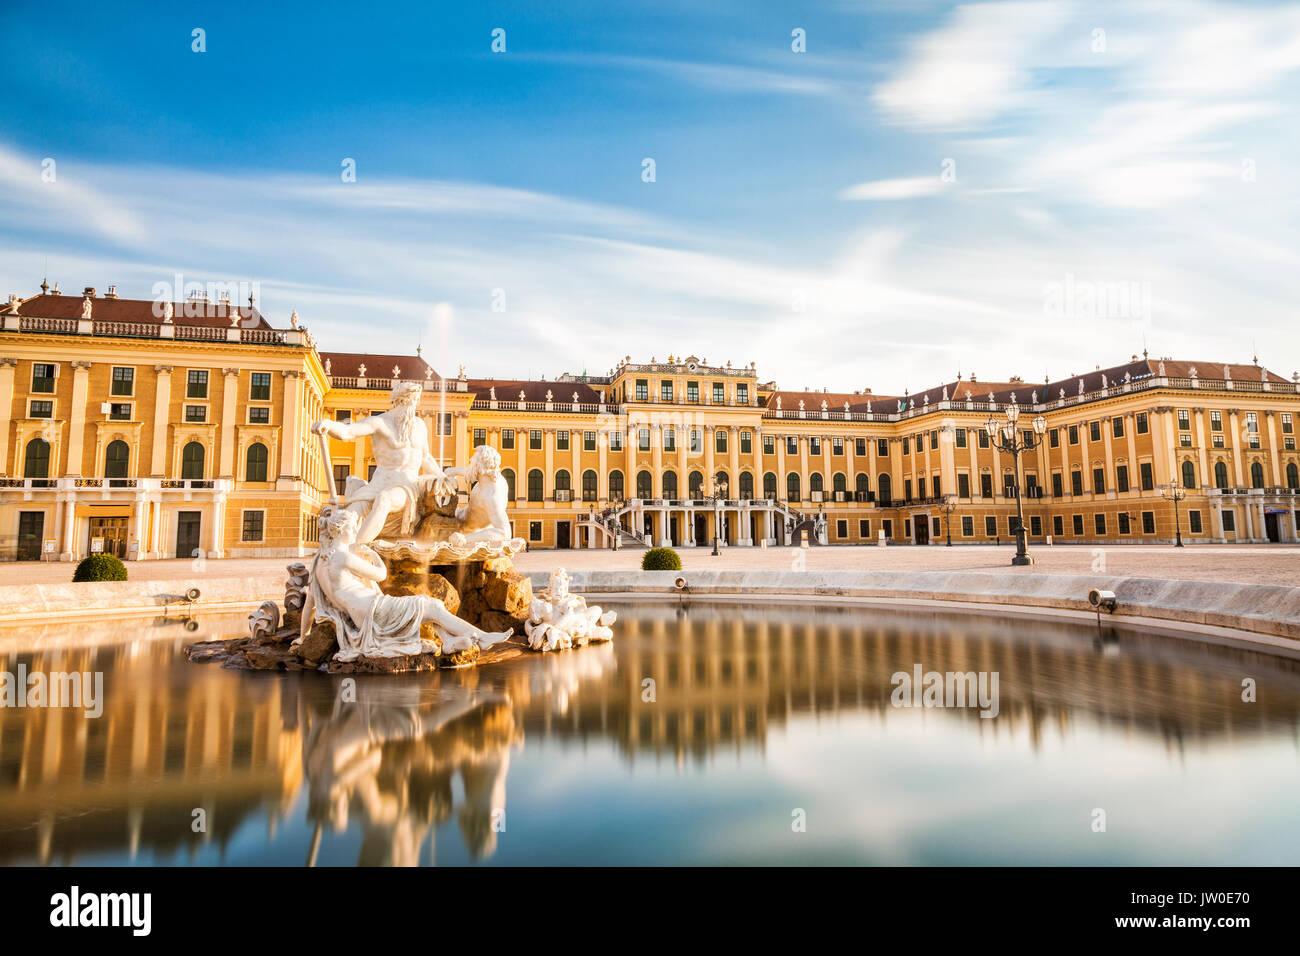 Schönen Schloss Schönbrunn in Wien, Österreich Stockbild